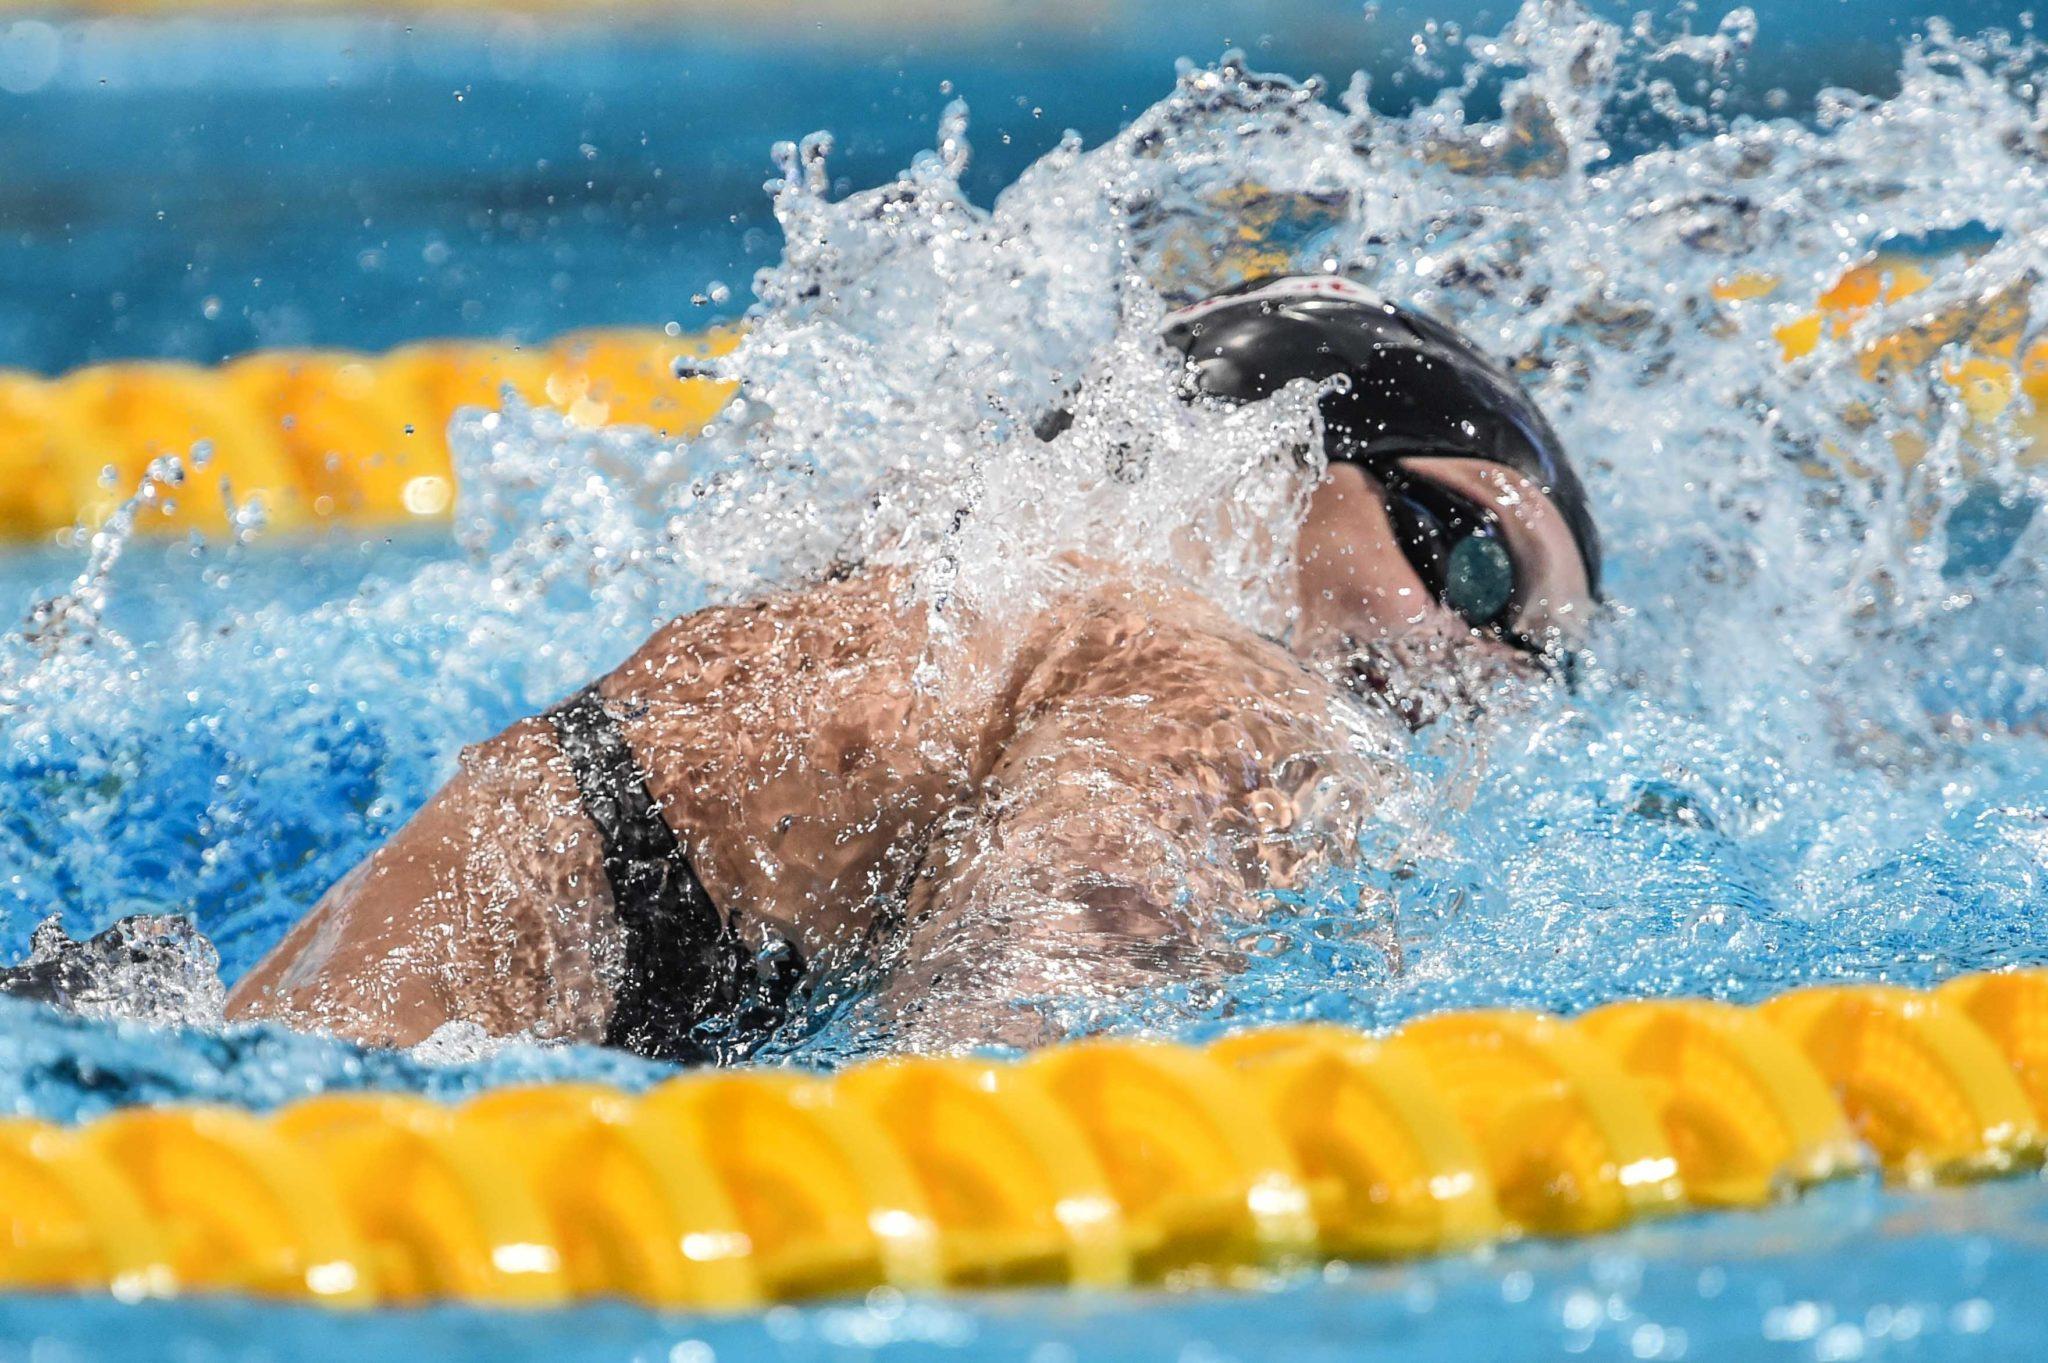 Vasca Da 25 Metri Tempi : La migliore respirazione per la gara dei 100 metri stile libero